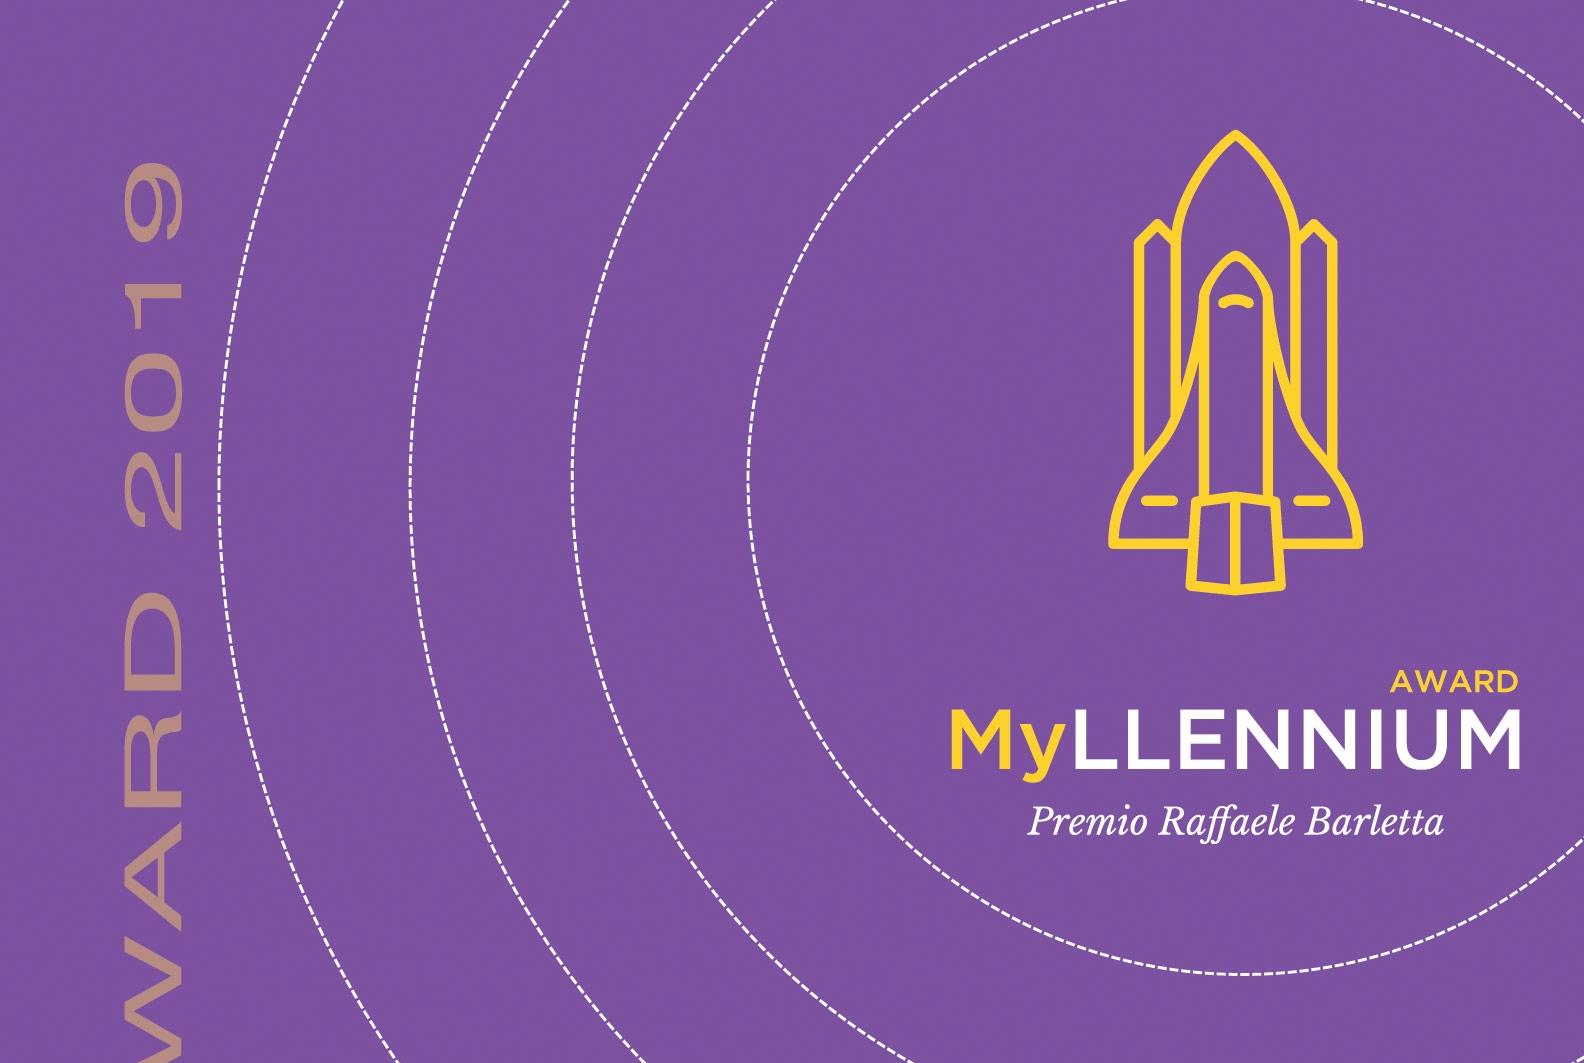 myllennium award 2019 daniele bartocci m